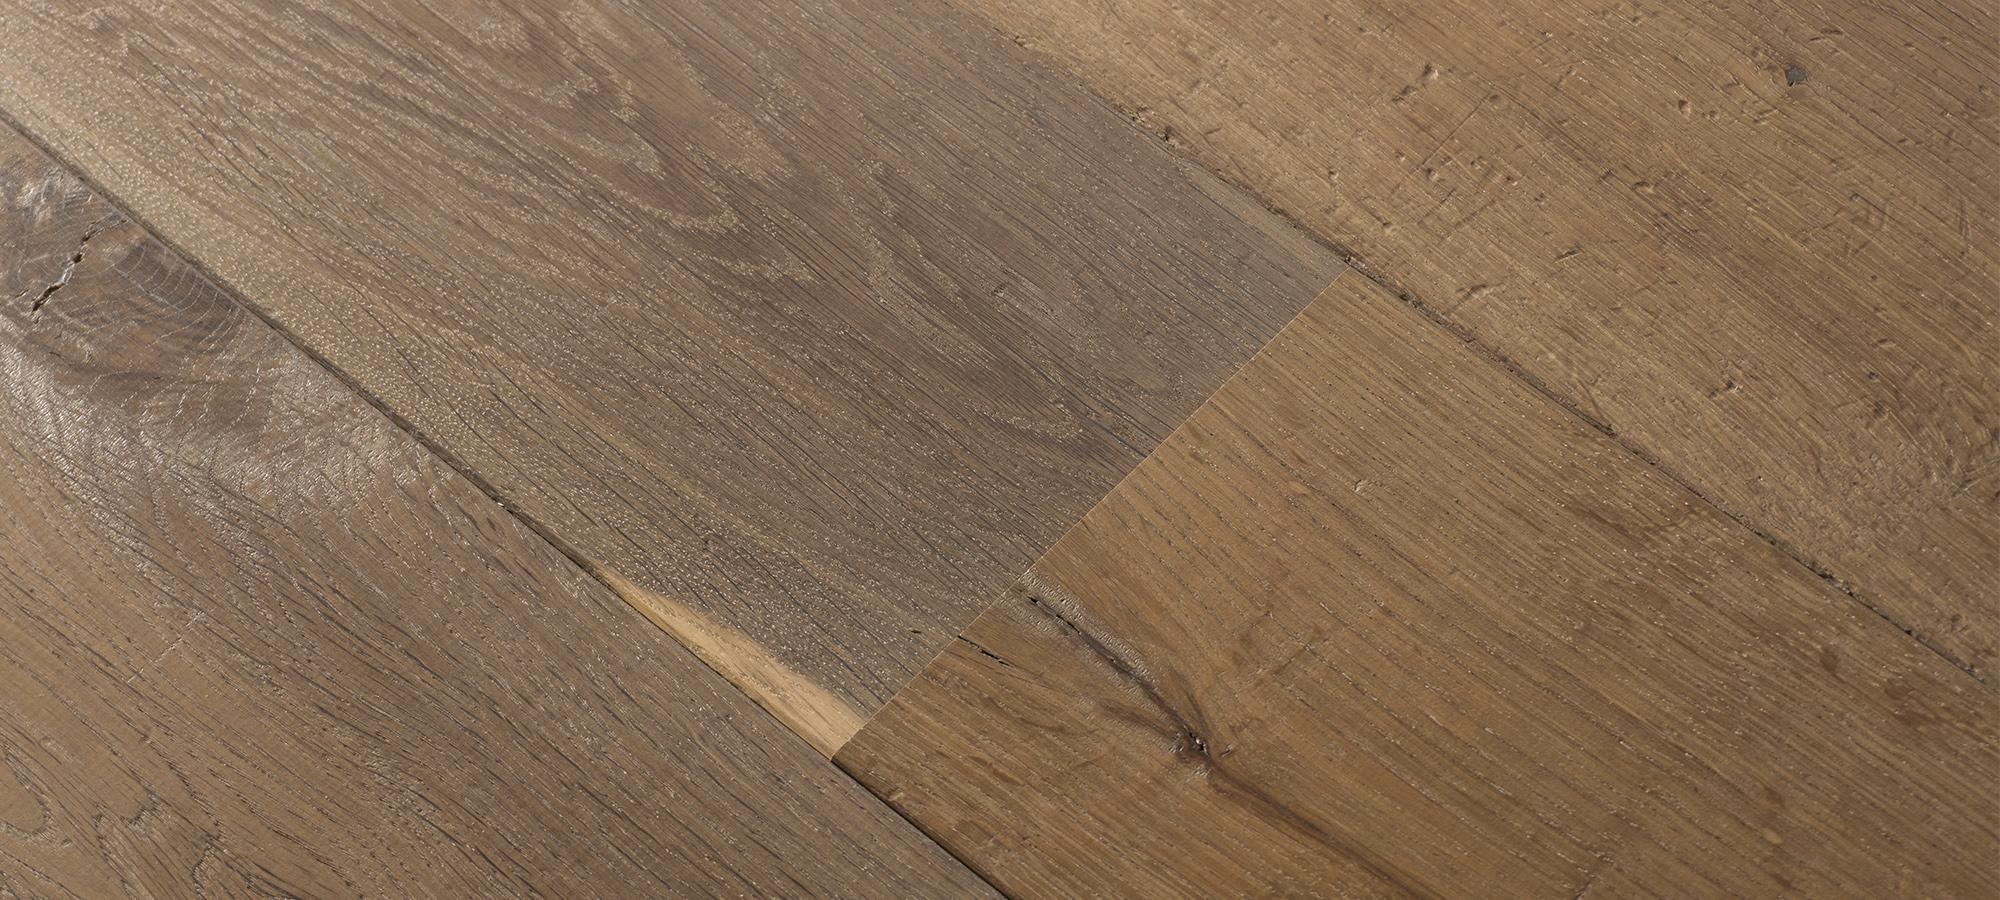 European Oak Cobbled Surface Wide Plank Flooring Texture